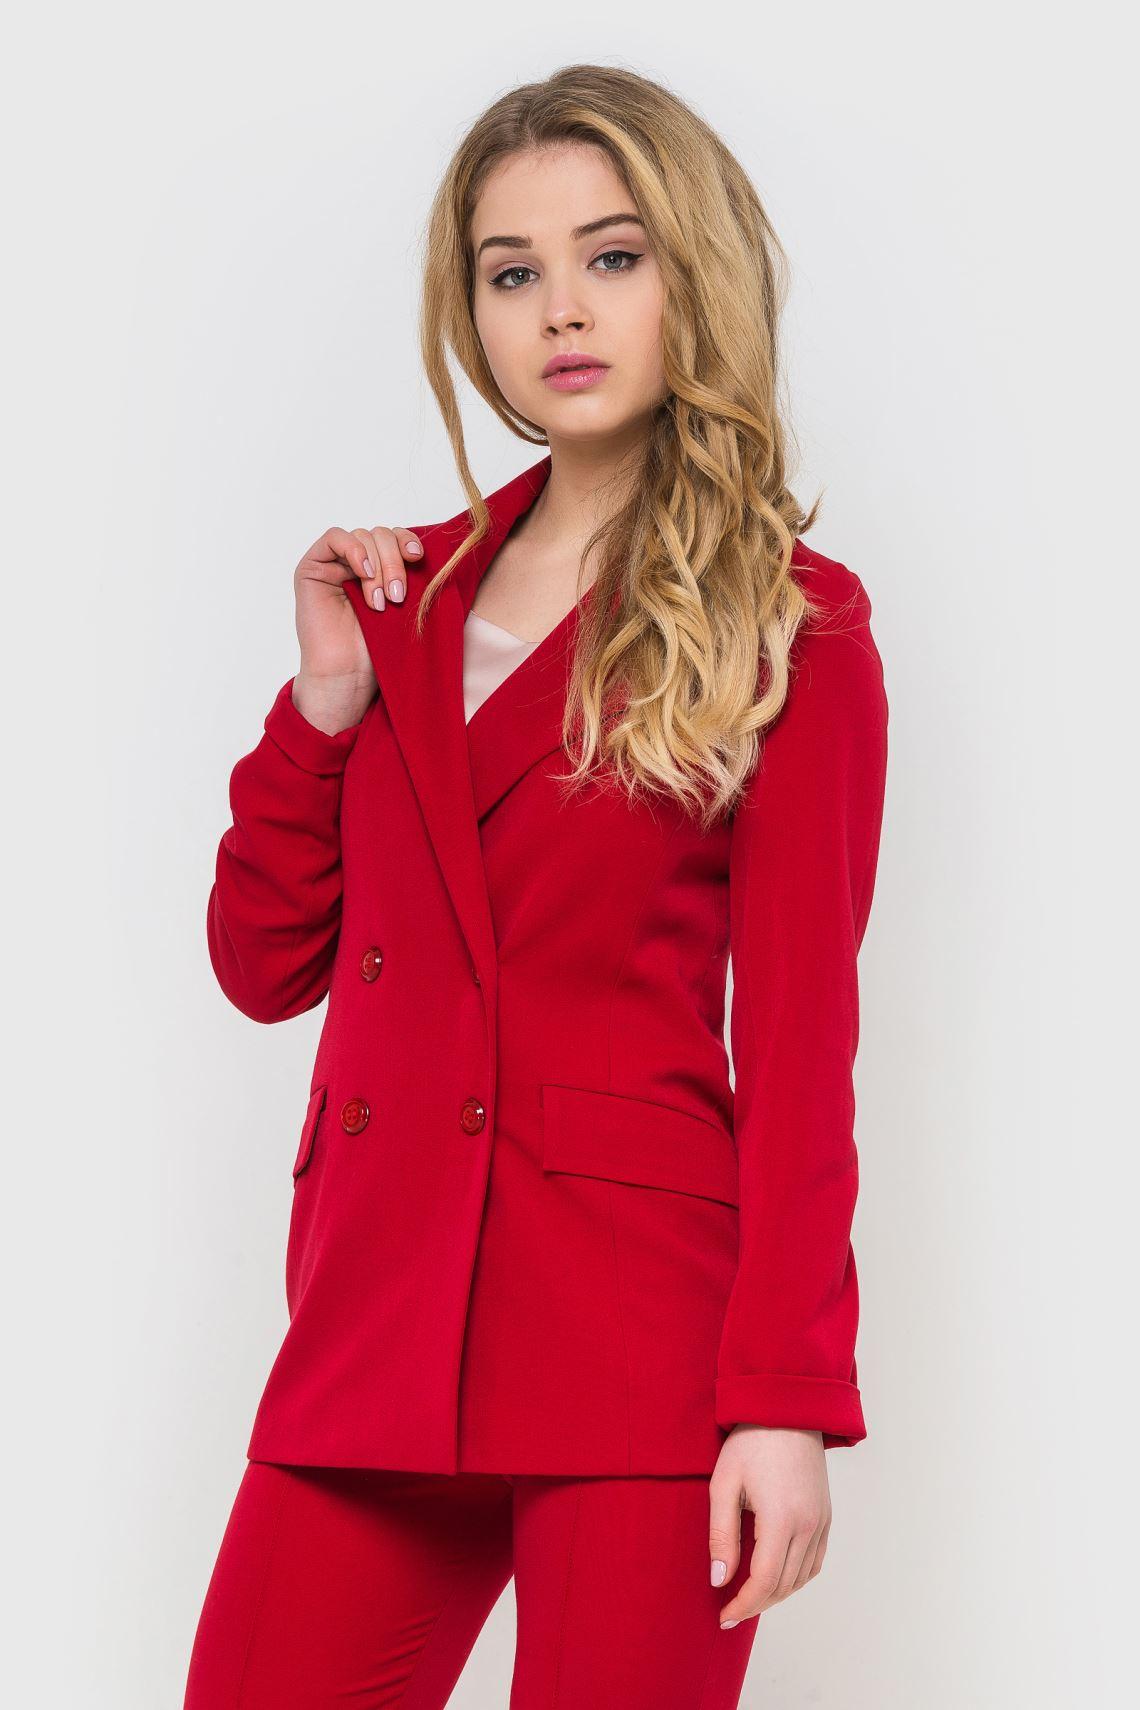 Жакет жіночий (піджак) червоний із червоними гудзиками  8d9ce66bb2796